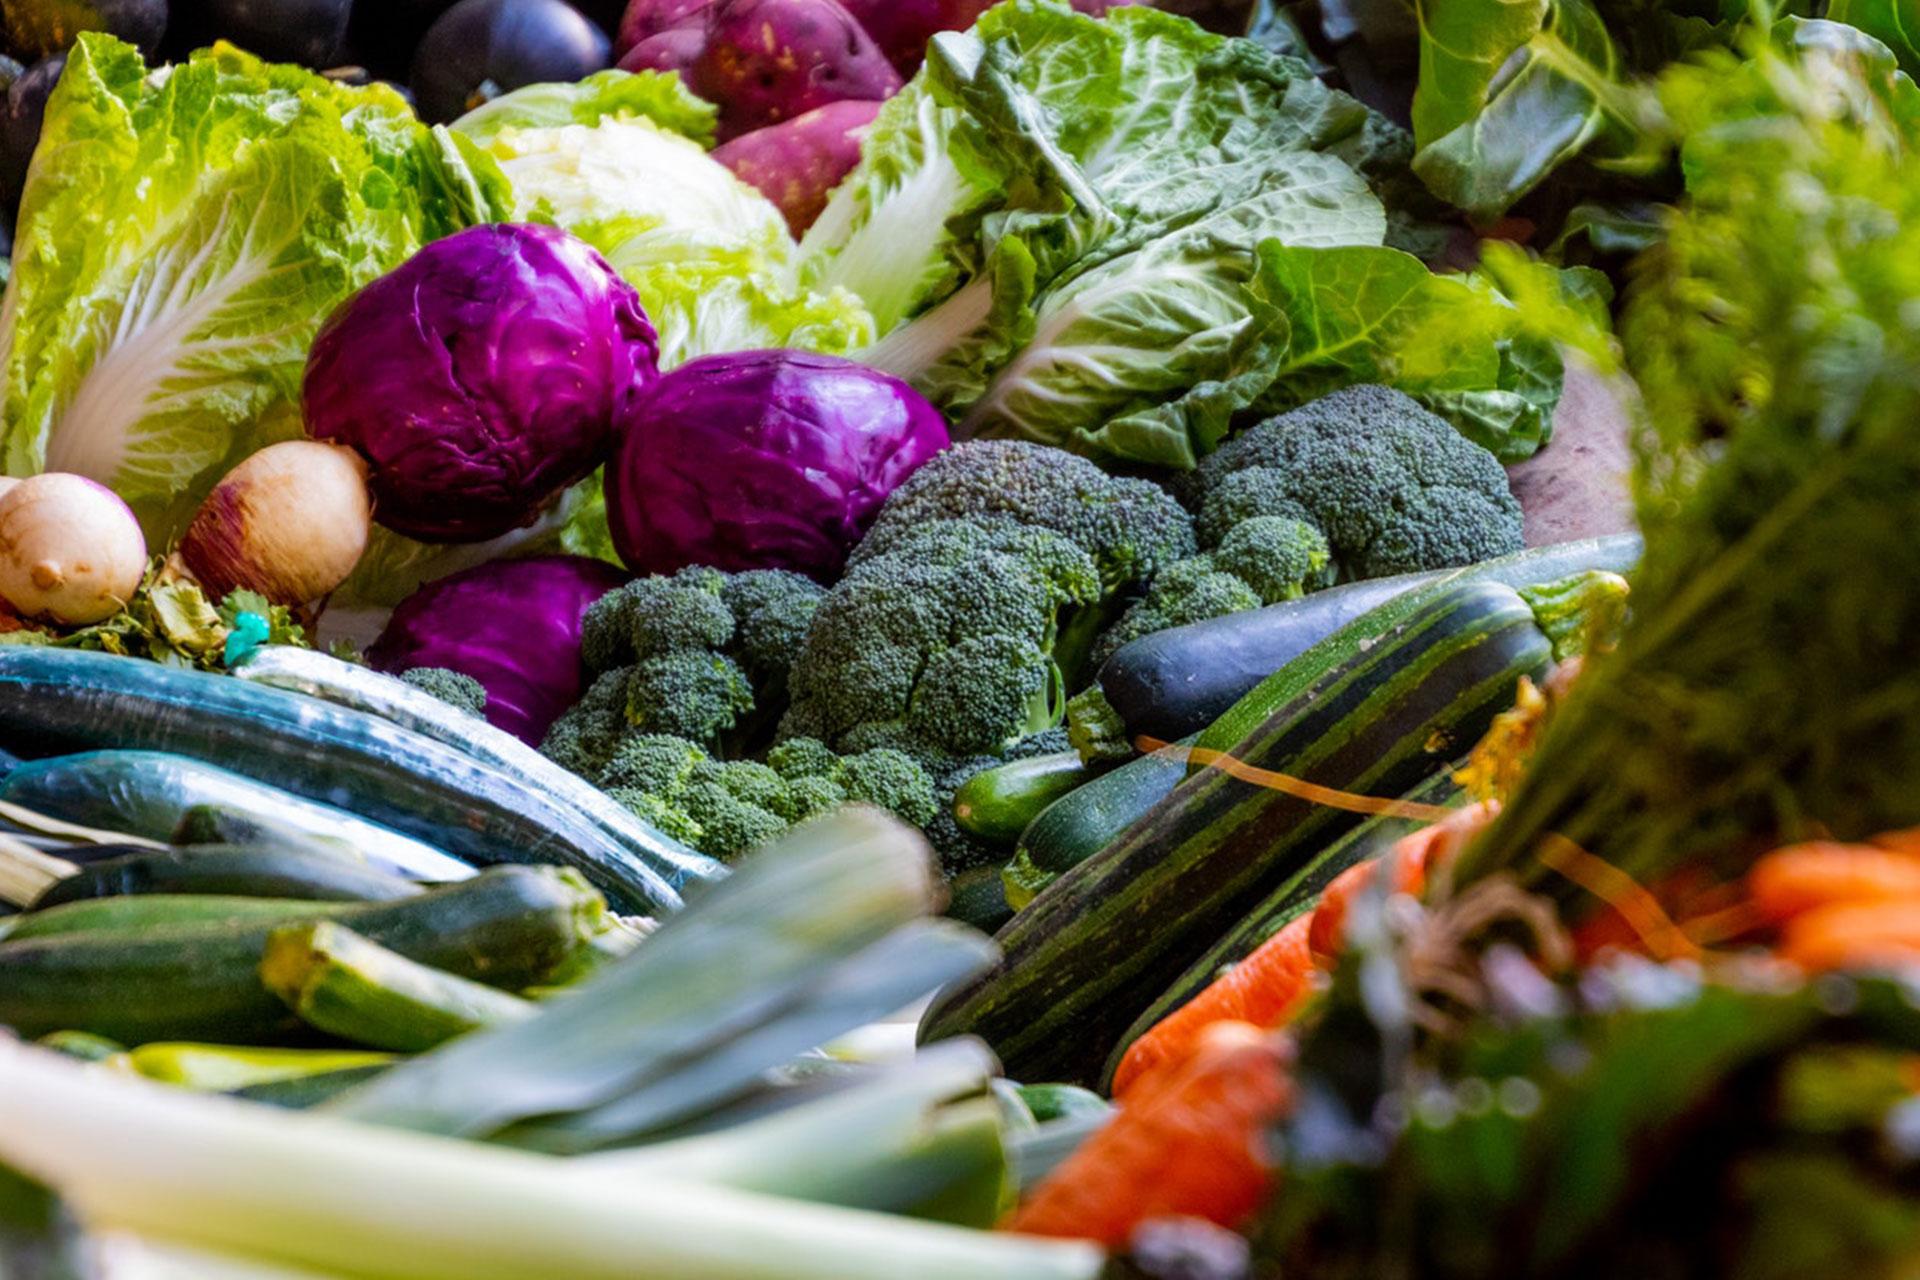 Banyak-makan-serat-untuk-menyehatkan-usus